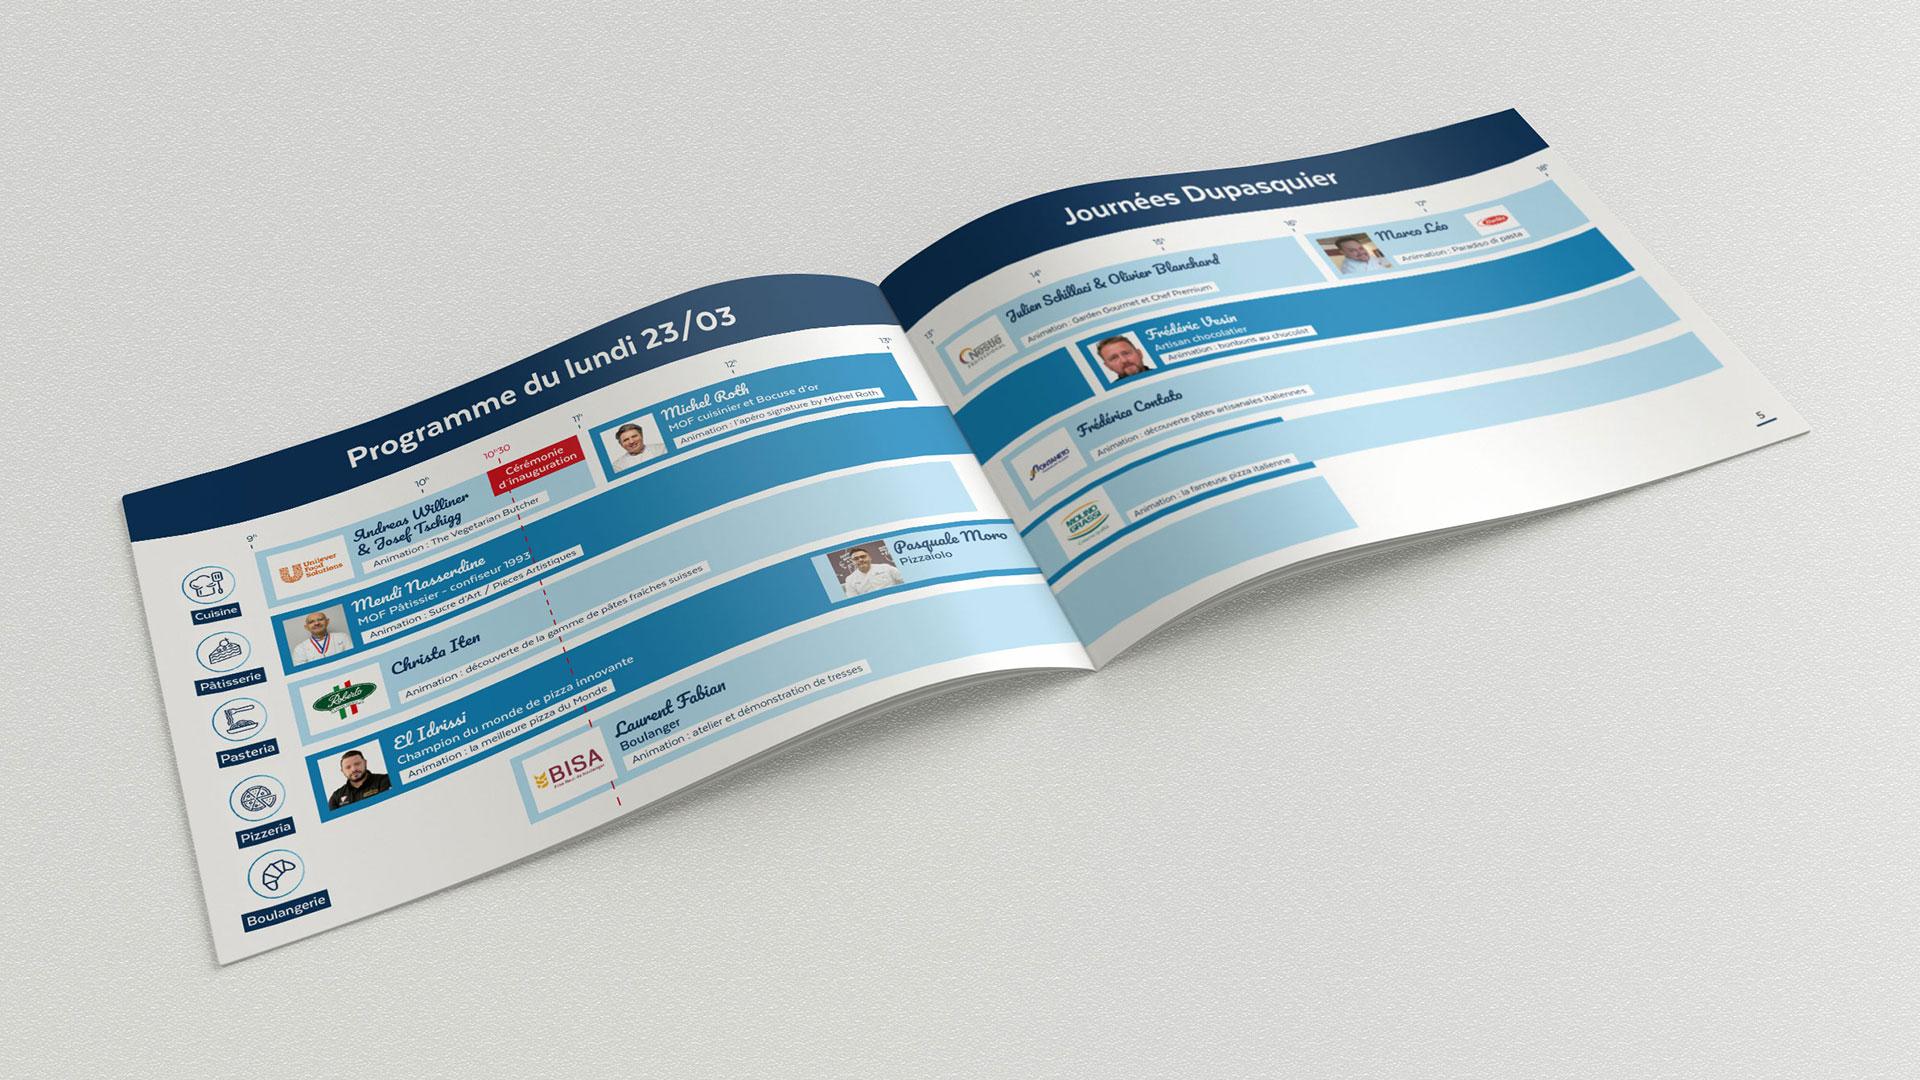 Magazine Dupasquier pages programme du lundi